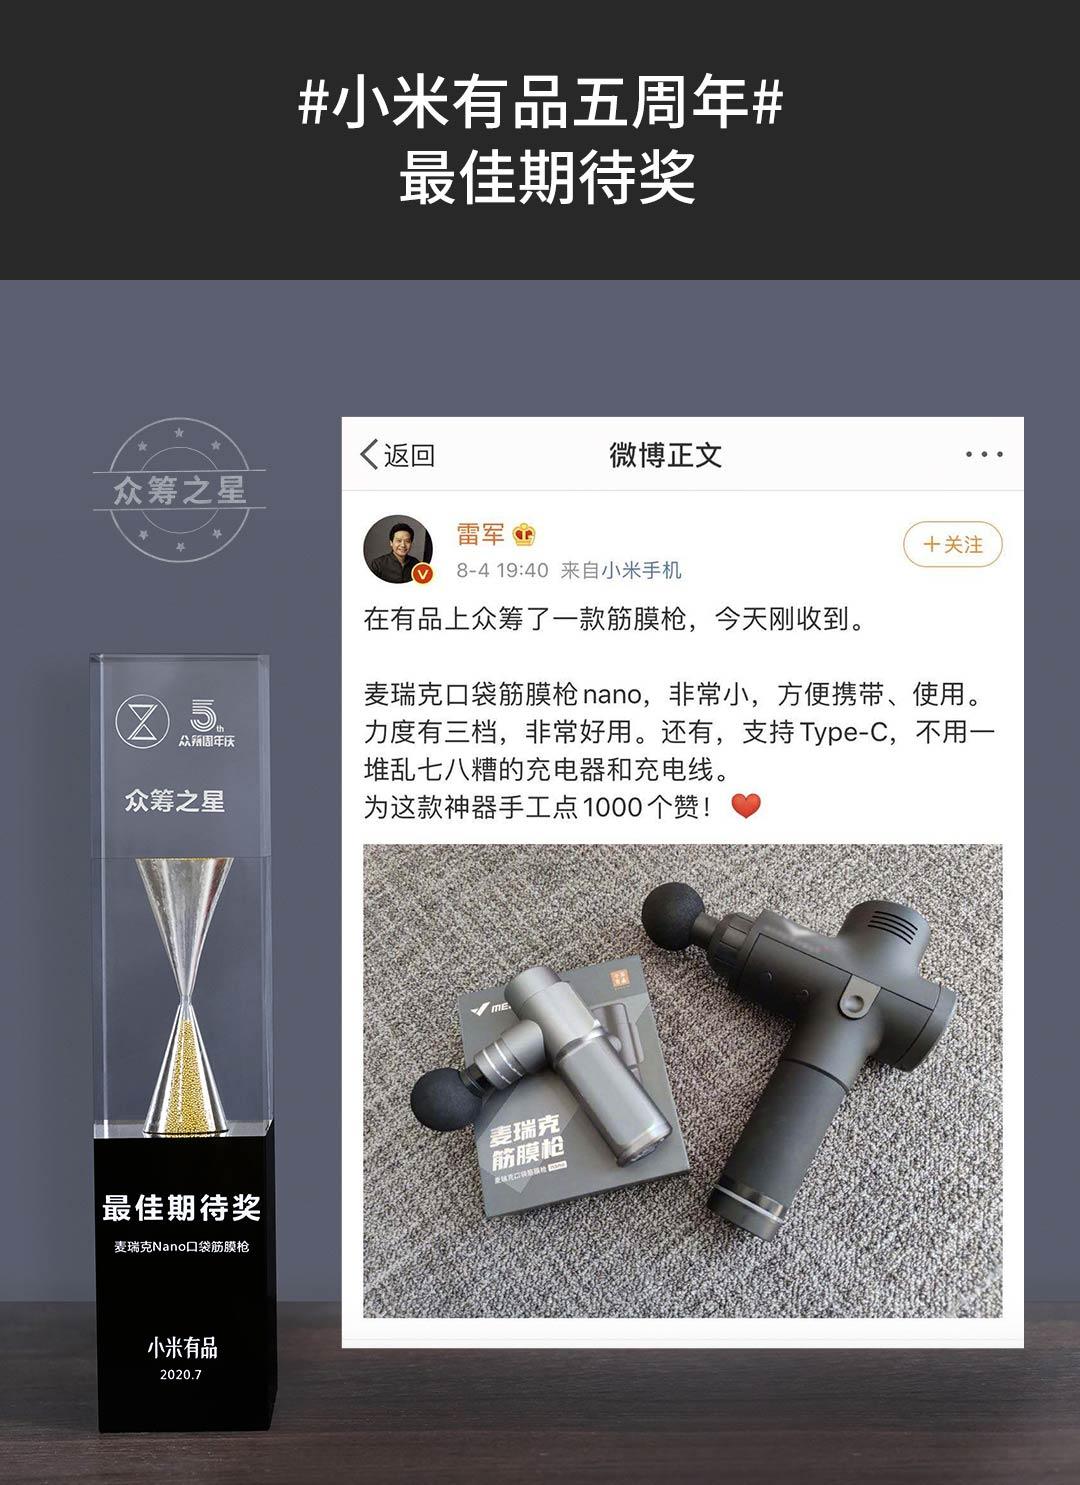 Product_奇妙_麦瑞克口袋筋膜枪nano1